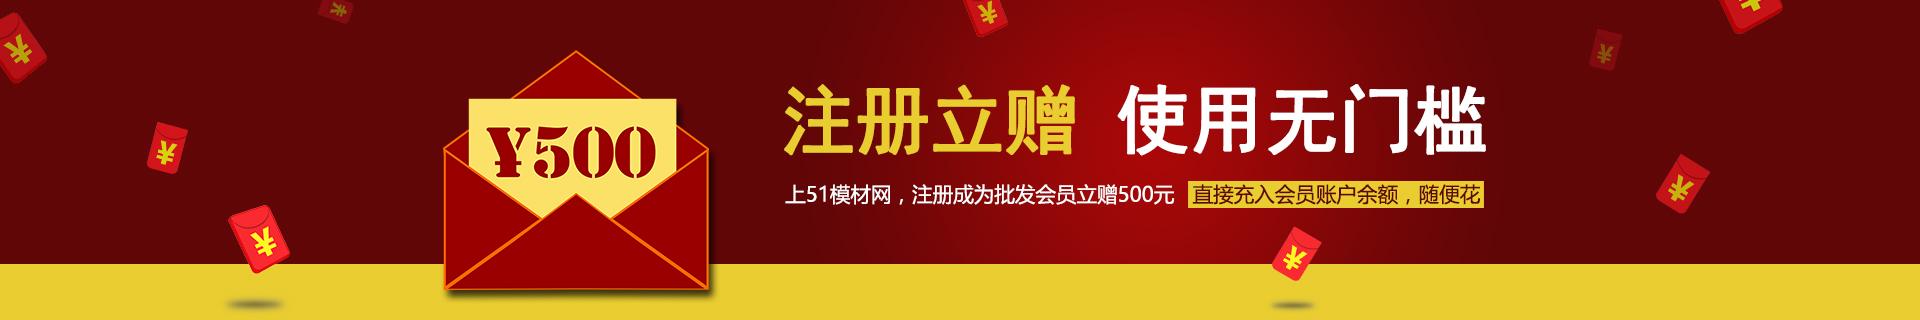 注册成为51模材网批发会员,立赠500红包